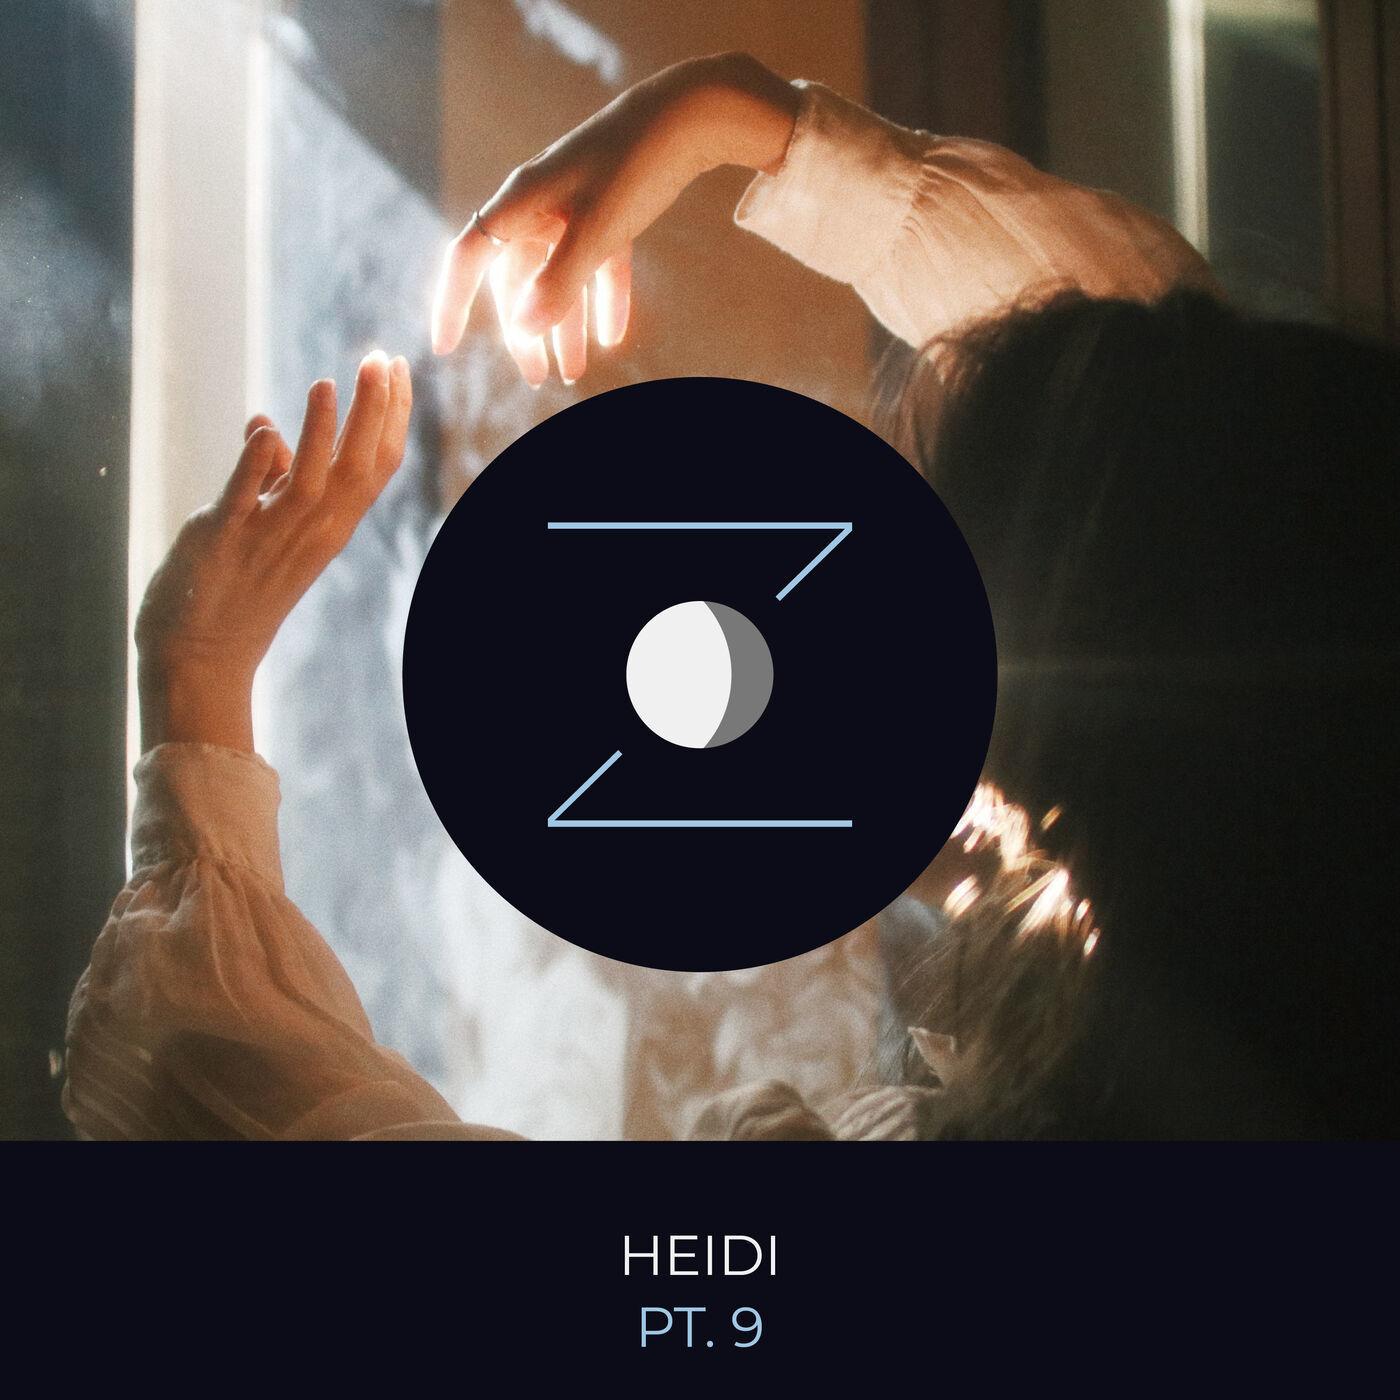 Heidi pt. 9